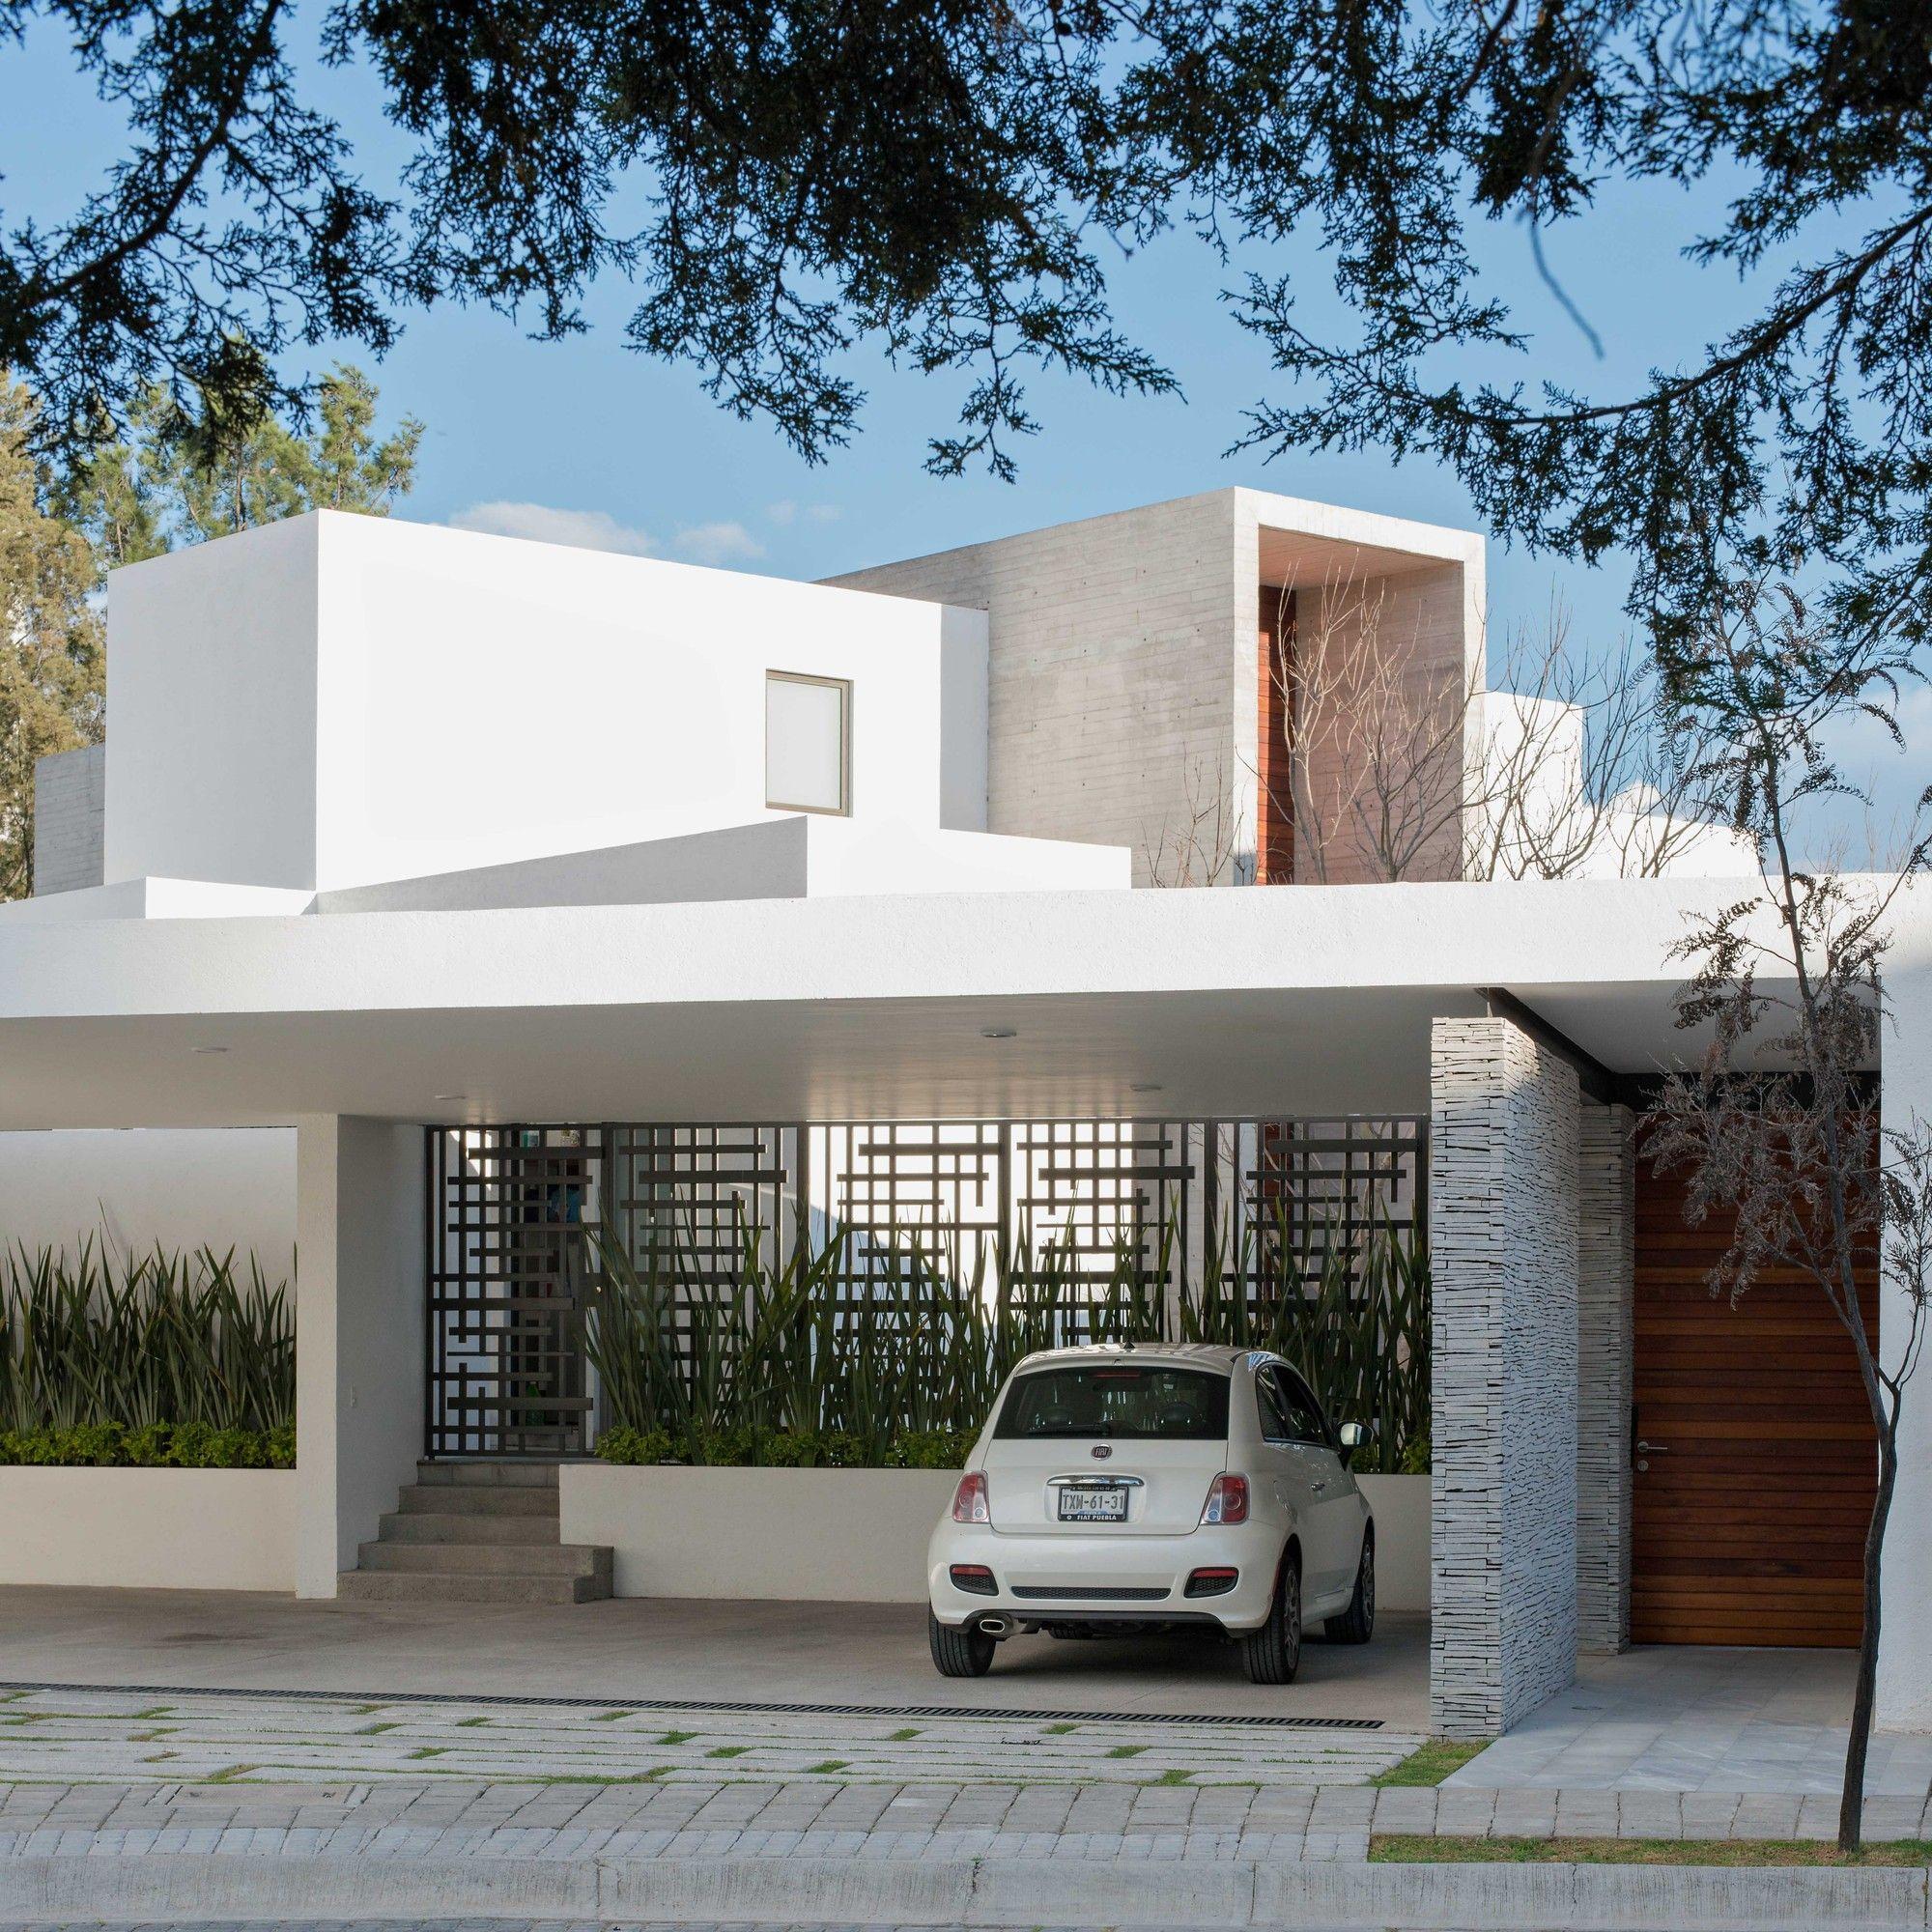 Galería - Casa 8A / Dionne Arquitectos - 4